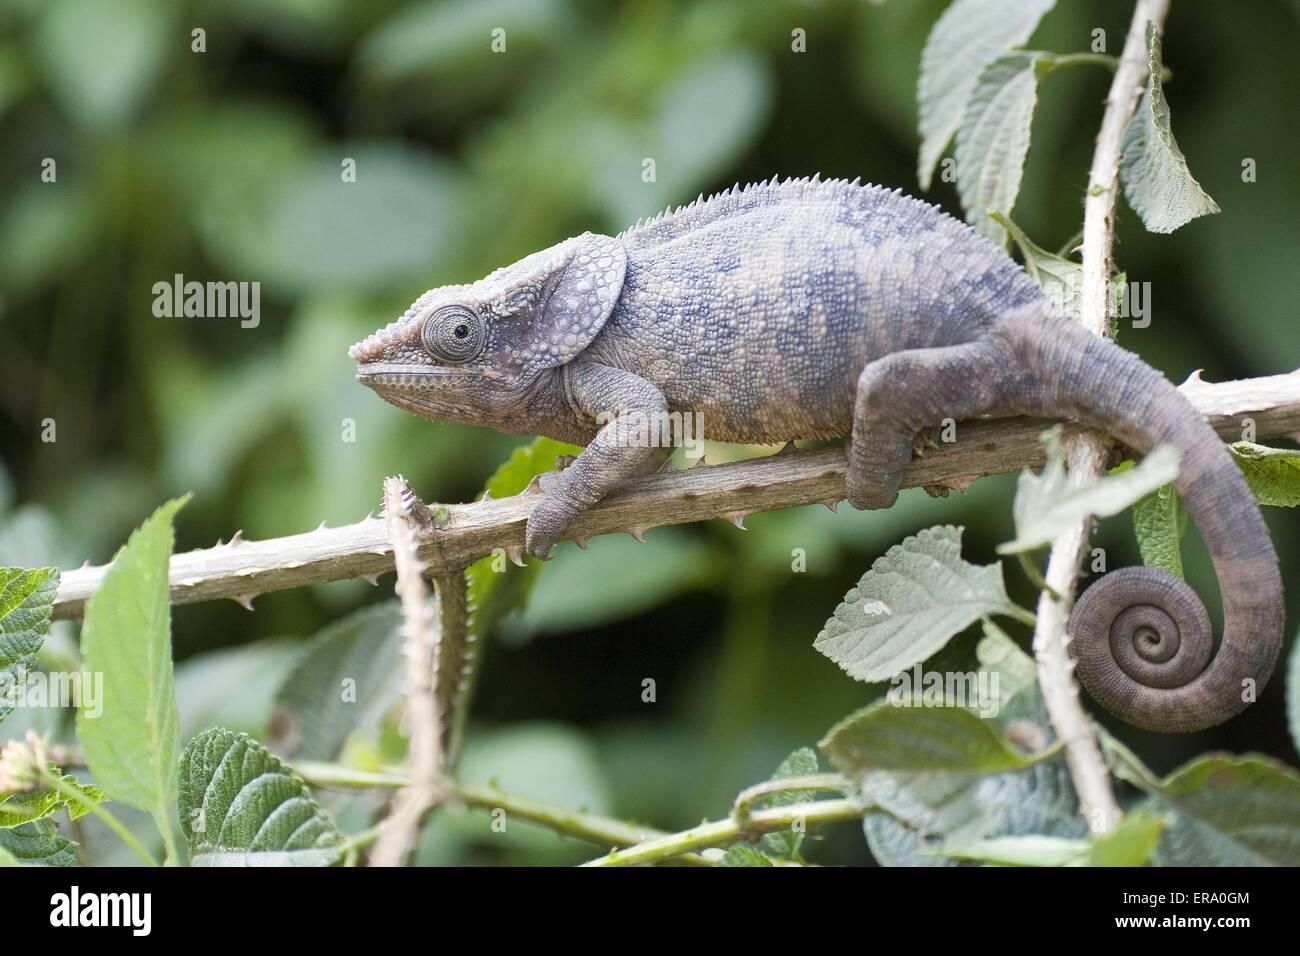 Short-horned Chameleon - Stock Image